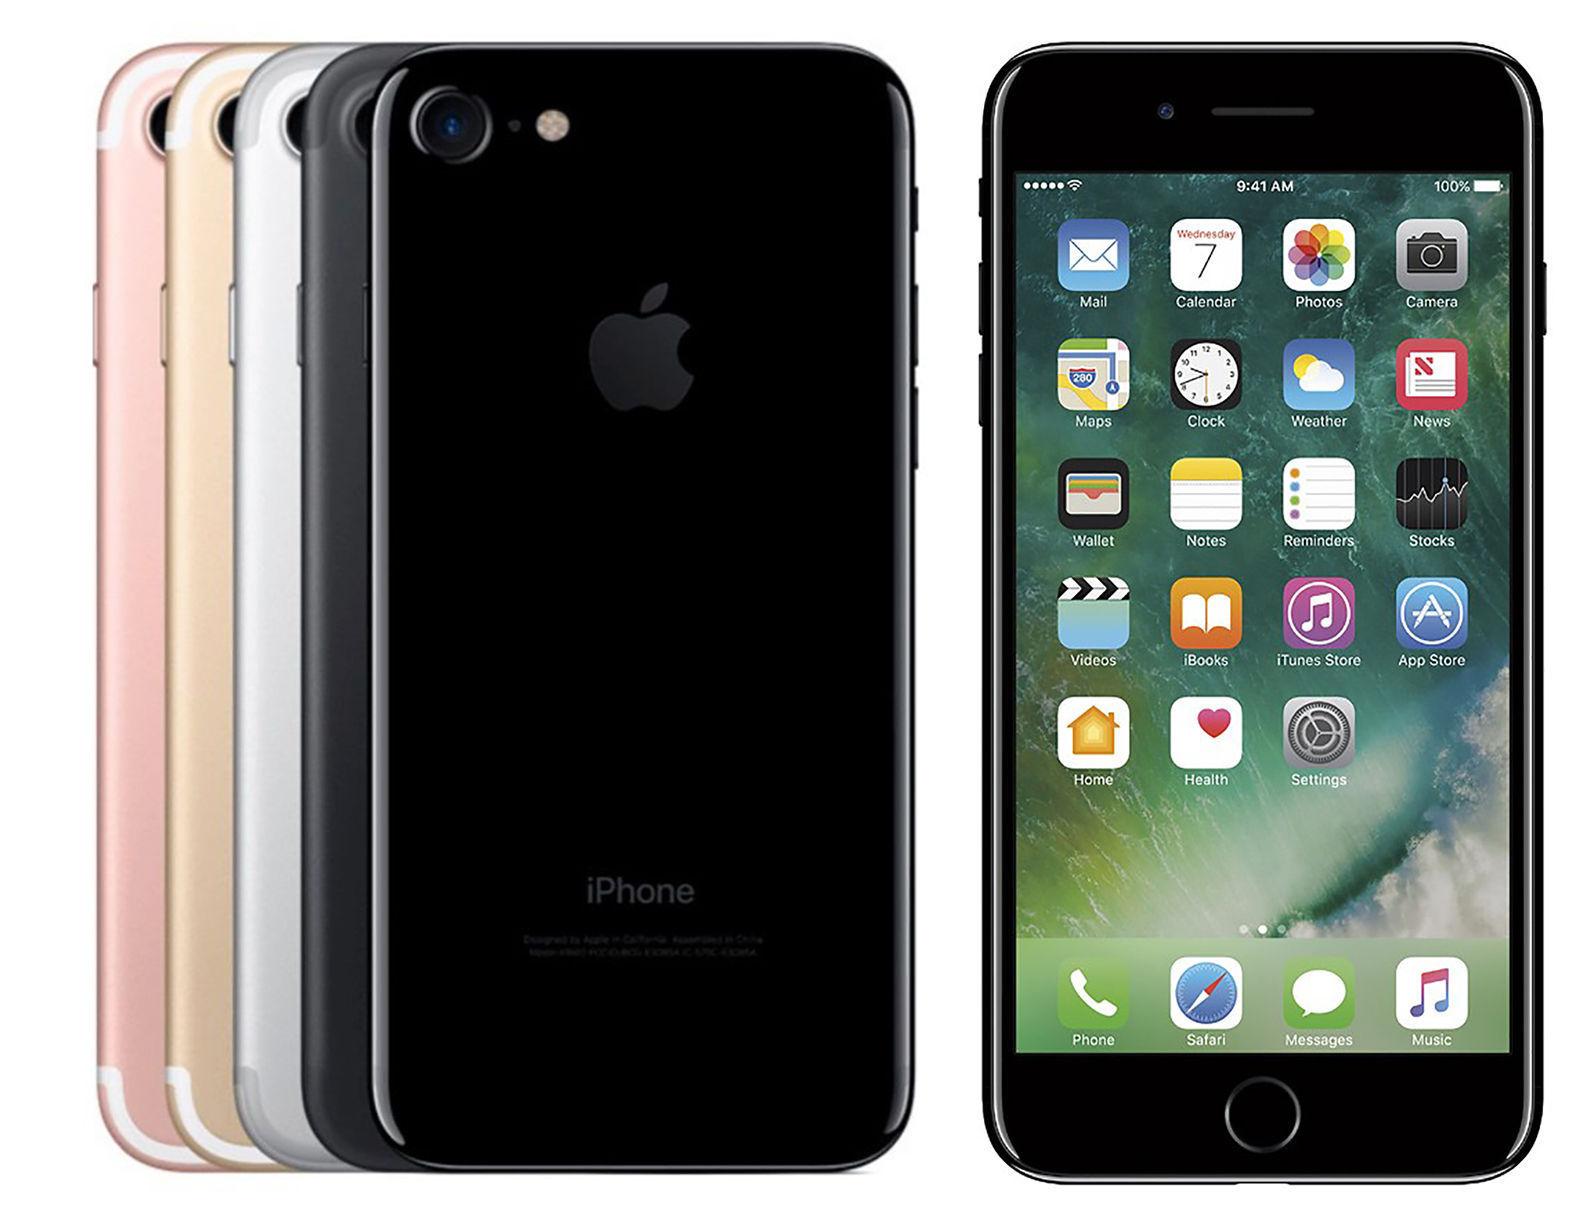 Vyhrajte iPhone 7 v letní investiční soutěži [sponzorovaný článek]